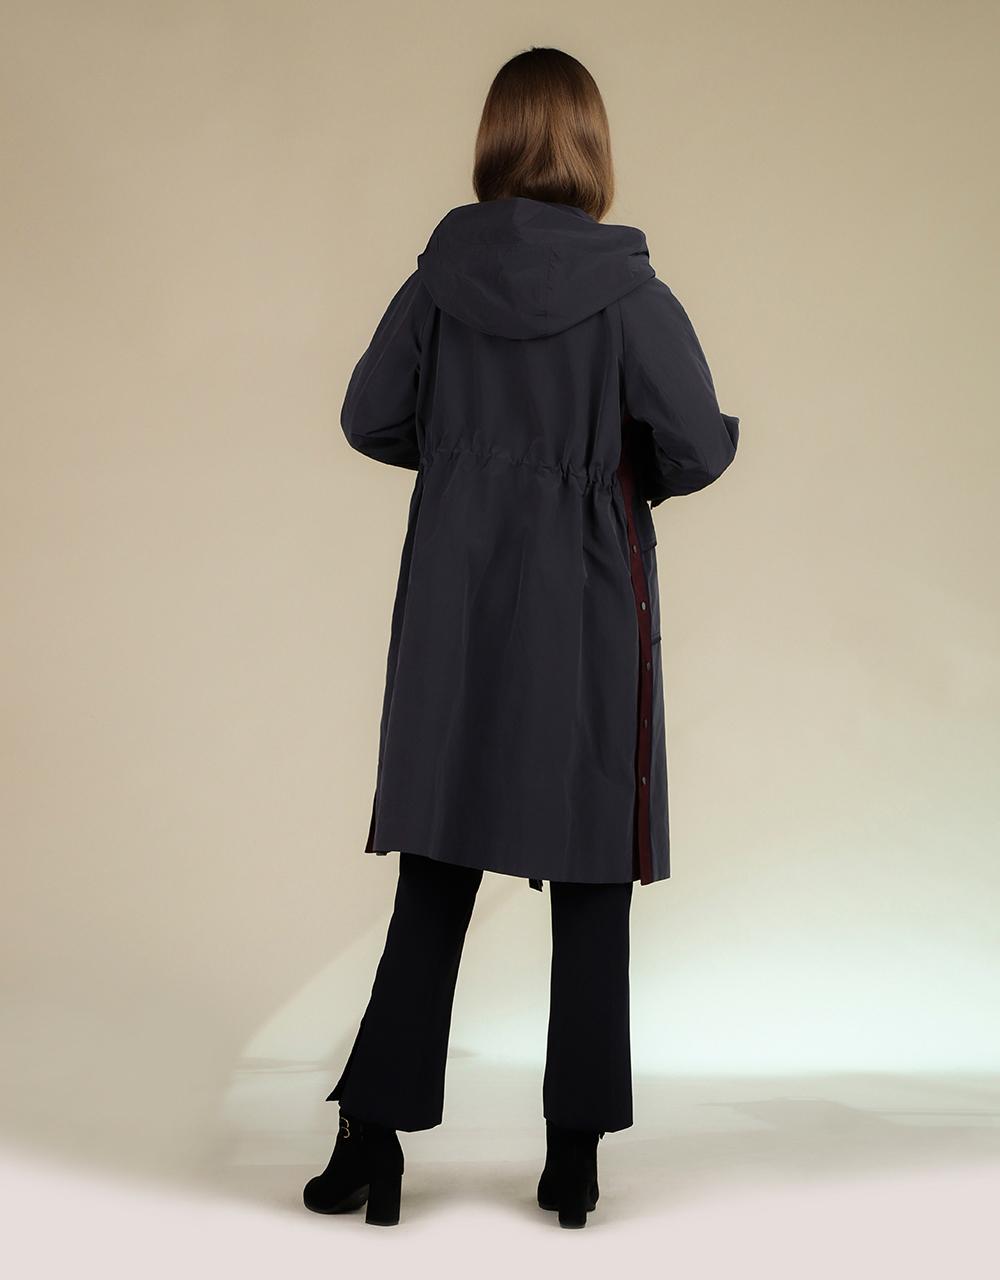 코트 모델 착용 이미지-S2L9